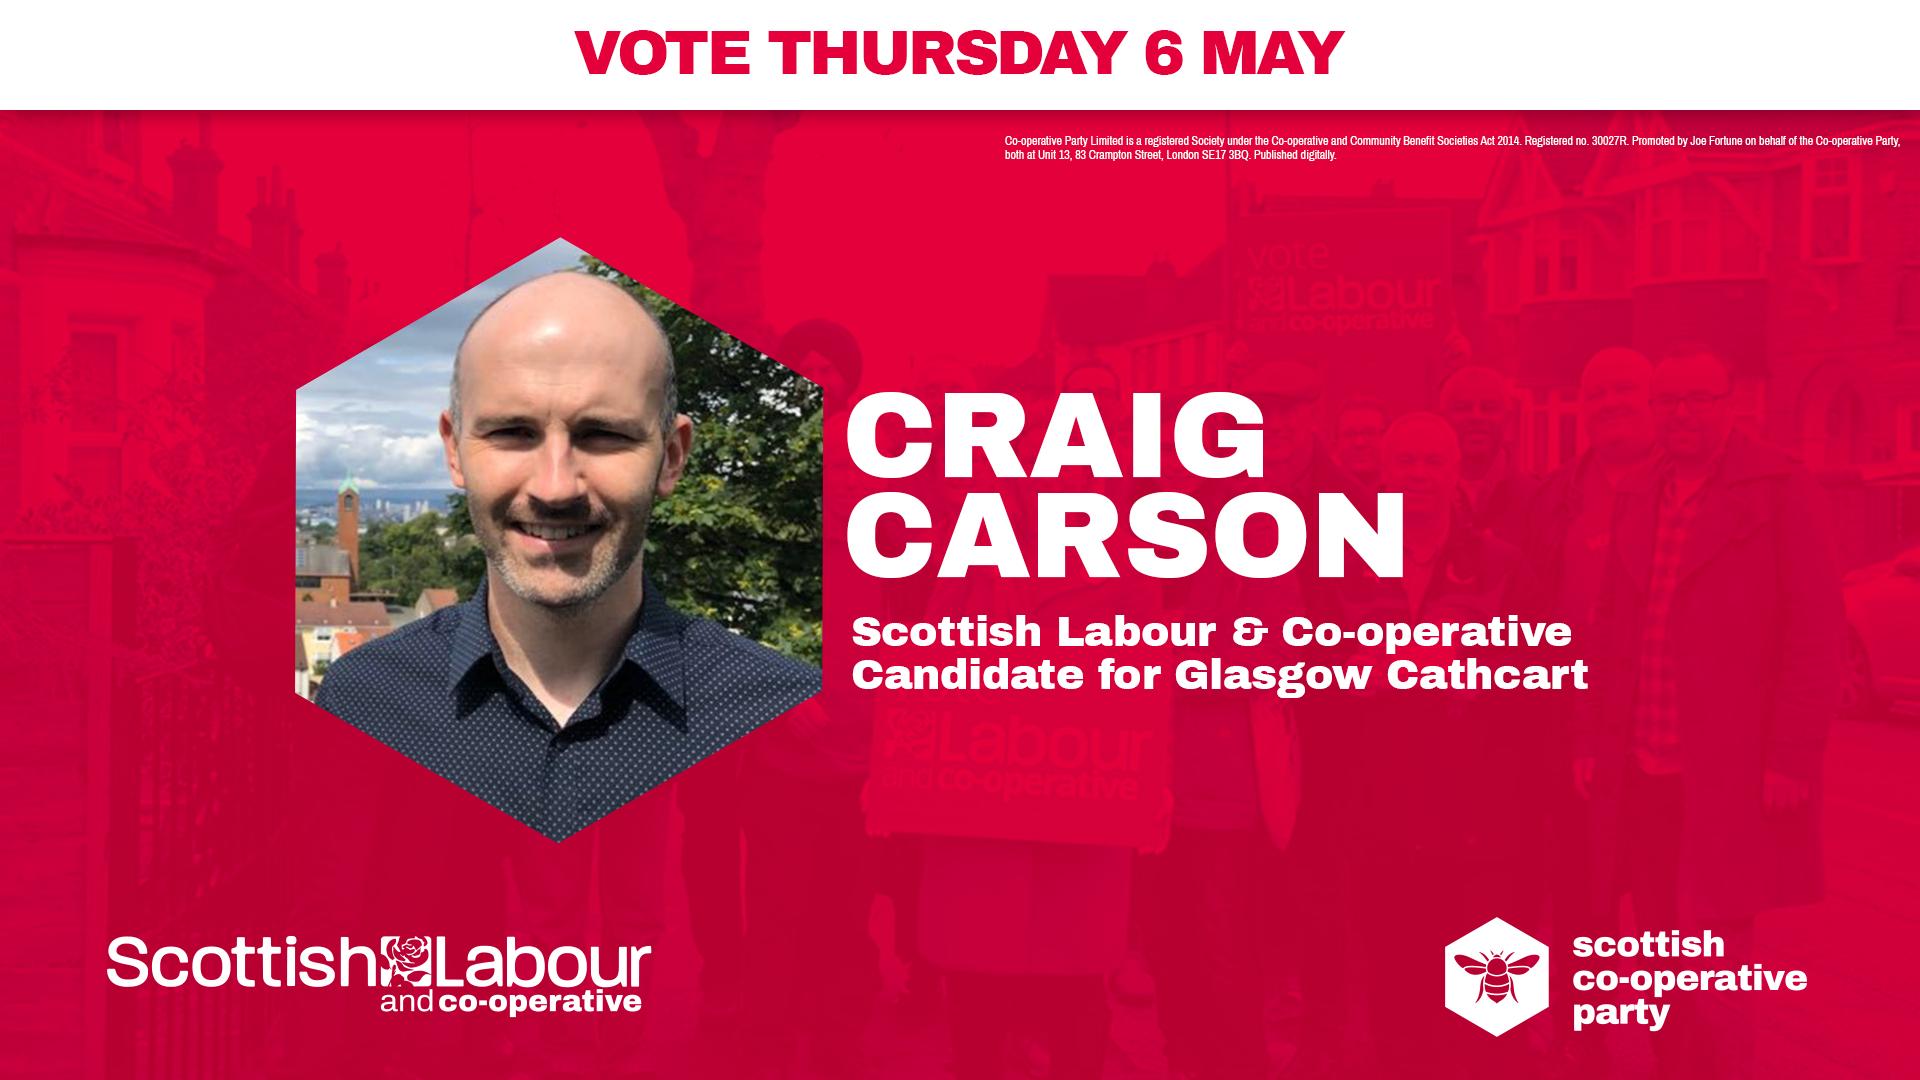 Craig Carson